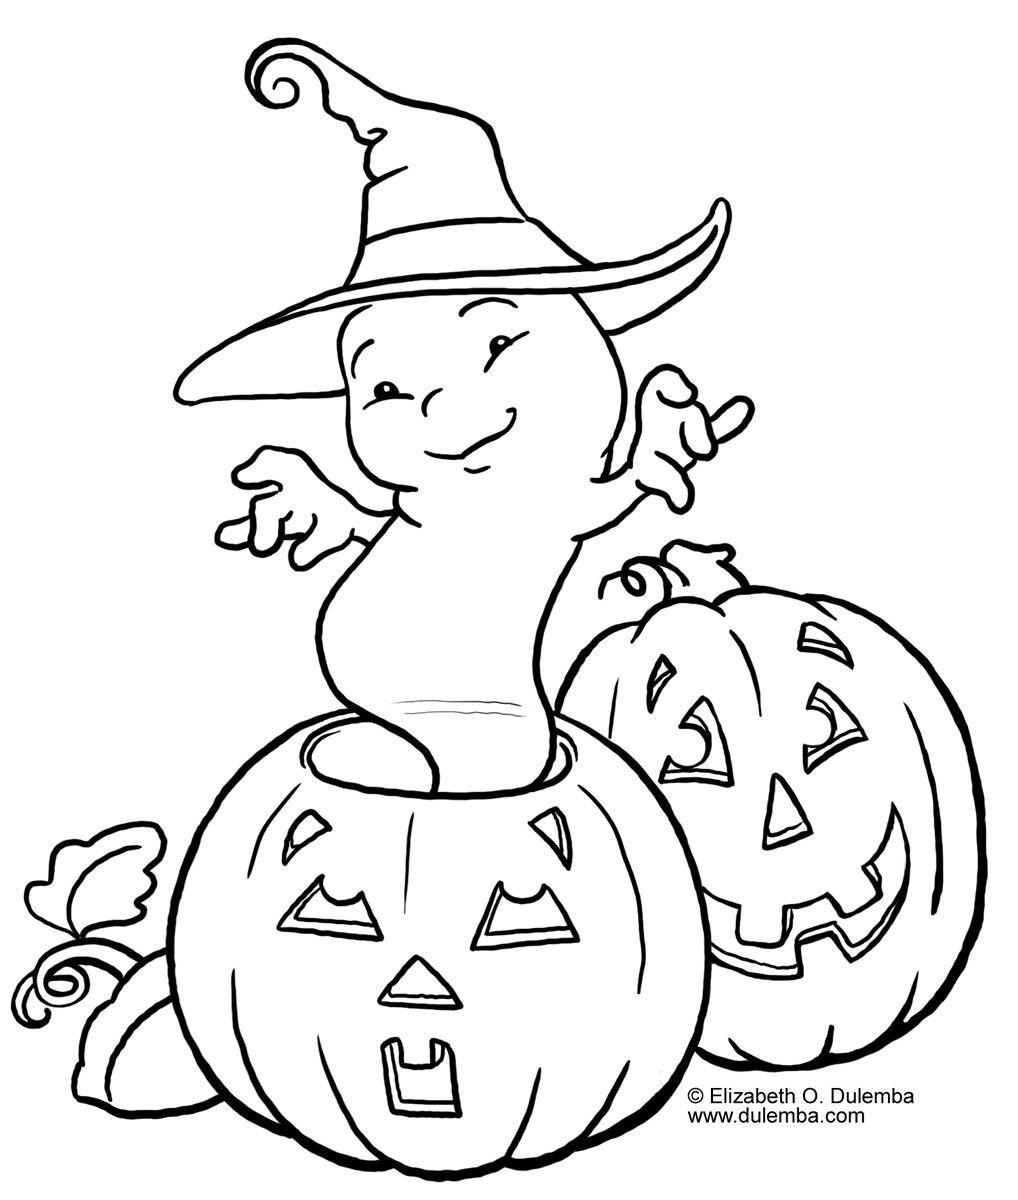 Halloween Pumpkin Colouring Pages For Kids Malvorlagen Halloween